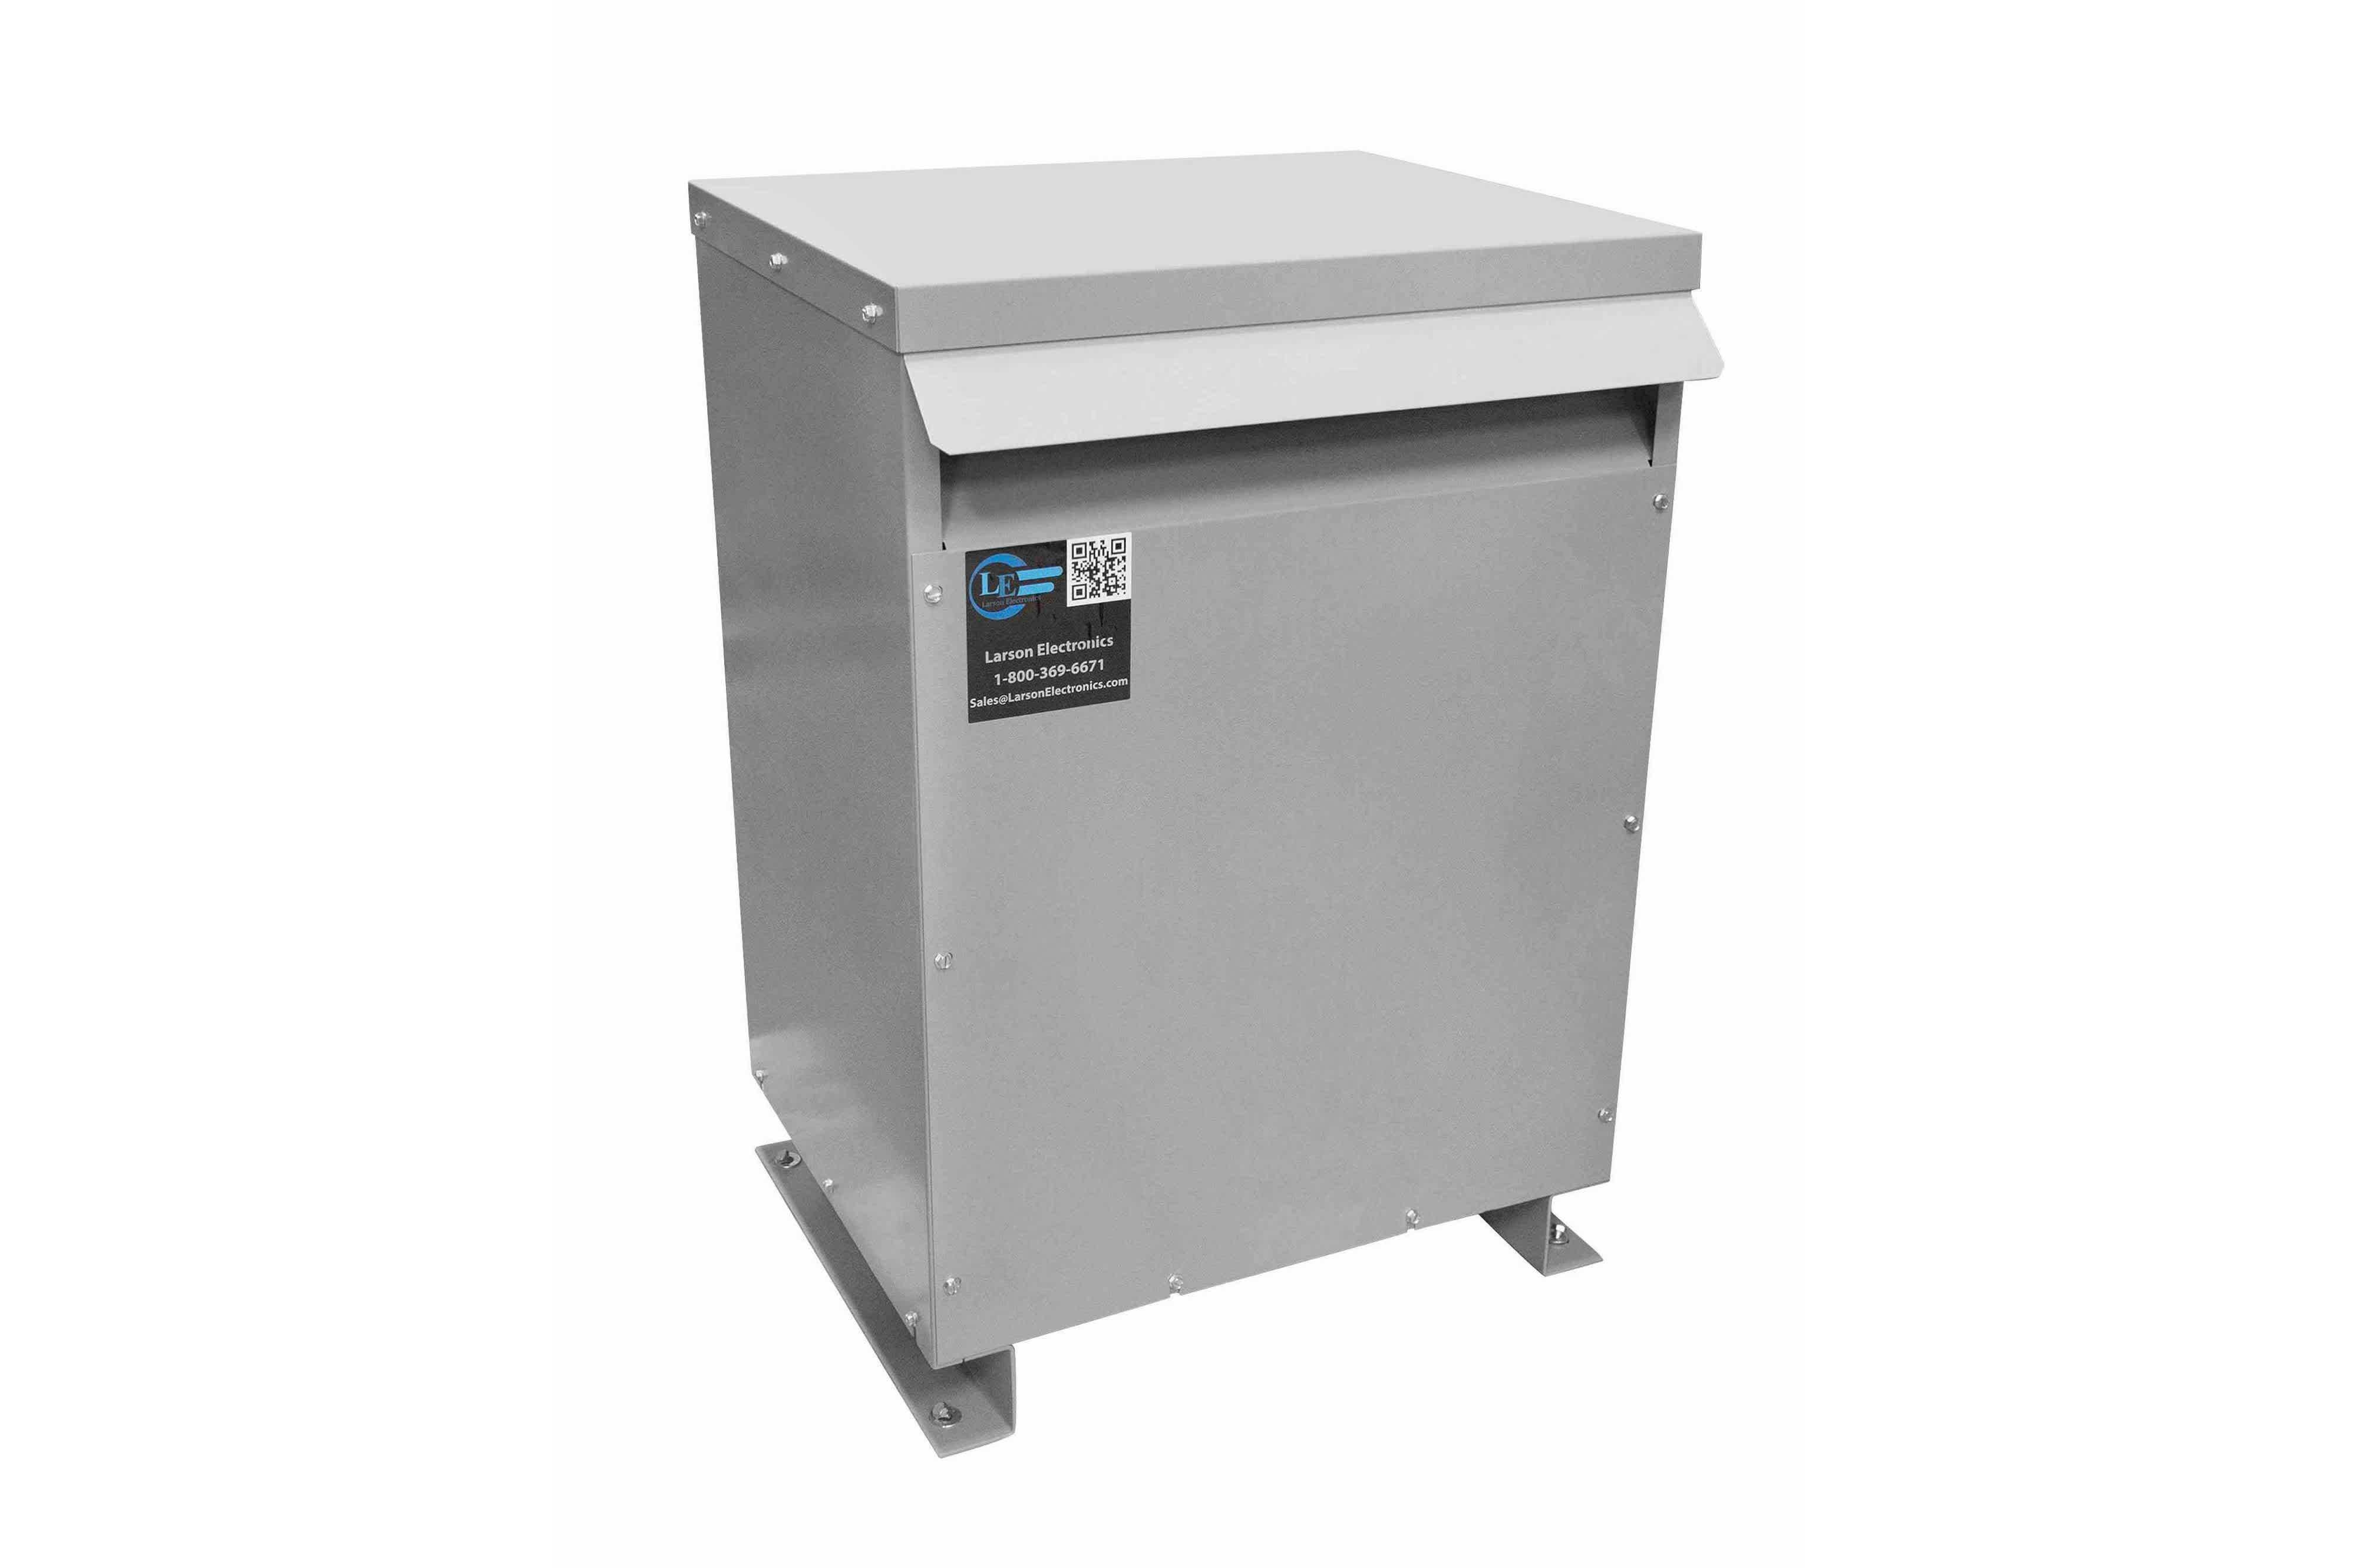 35 kVA 3PH Isolation Transformer, 600V Delta Primary, 208V Delta Secondary, N3R, Ventilated, 60 Hz